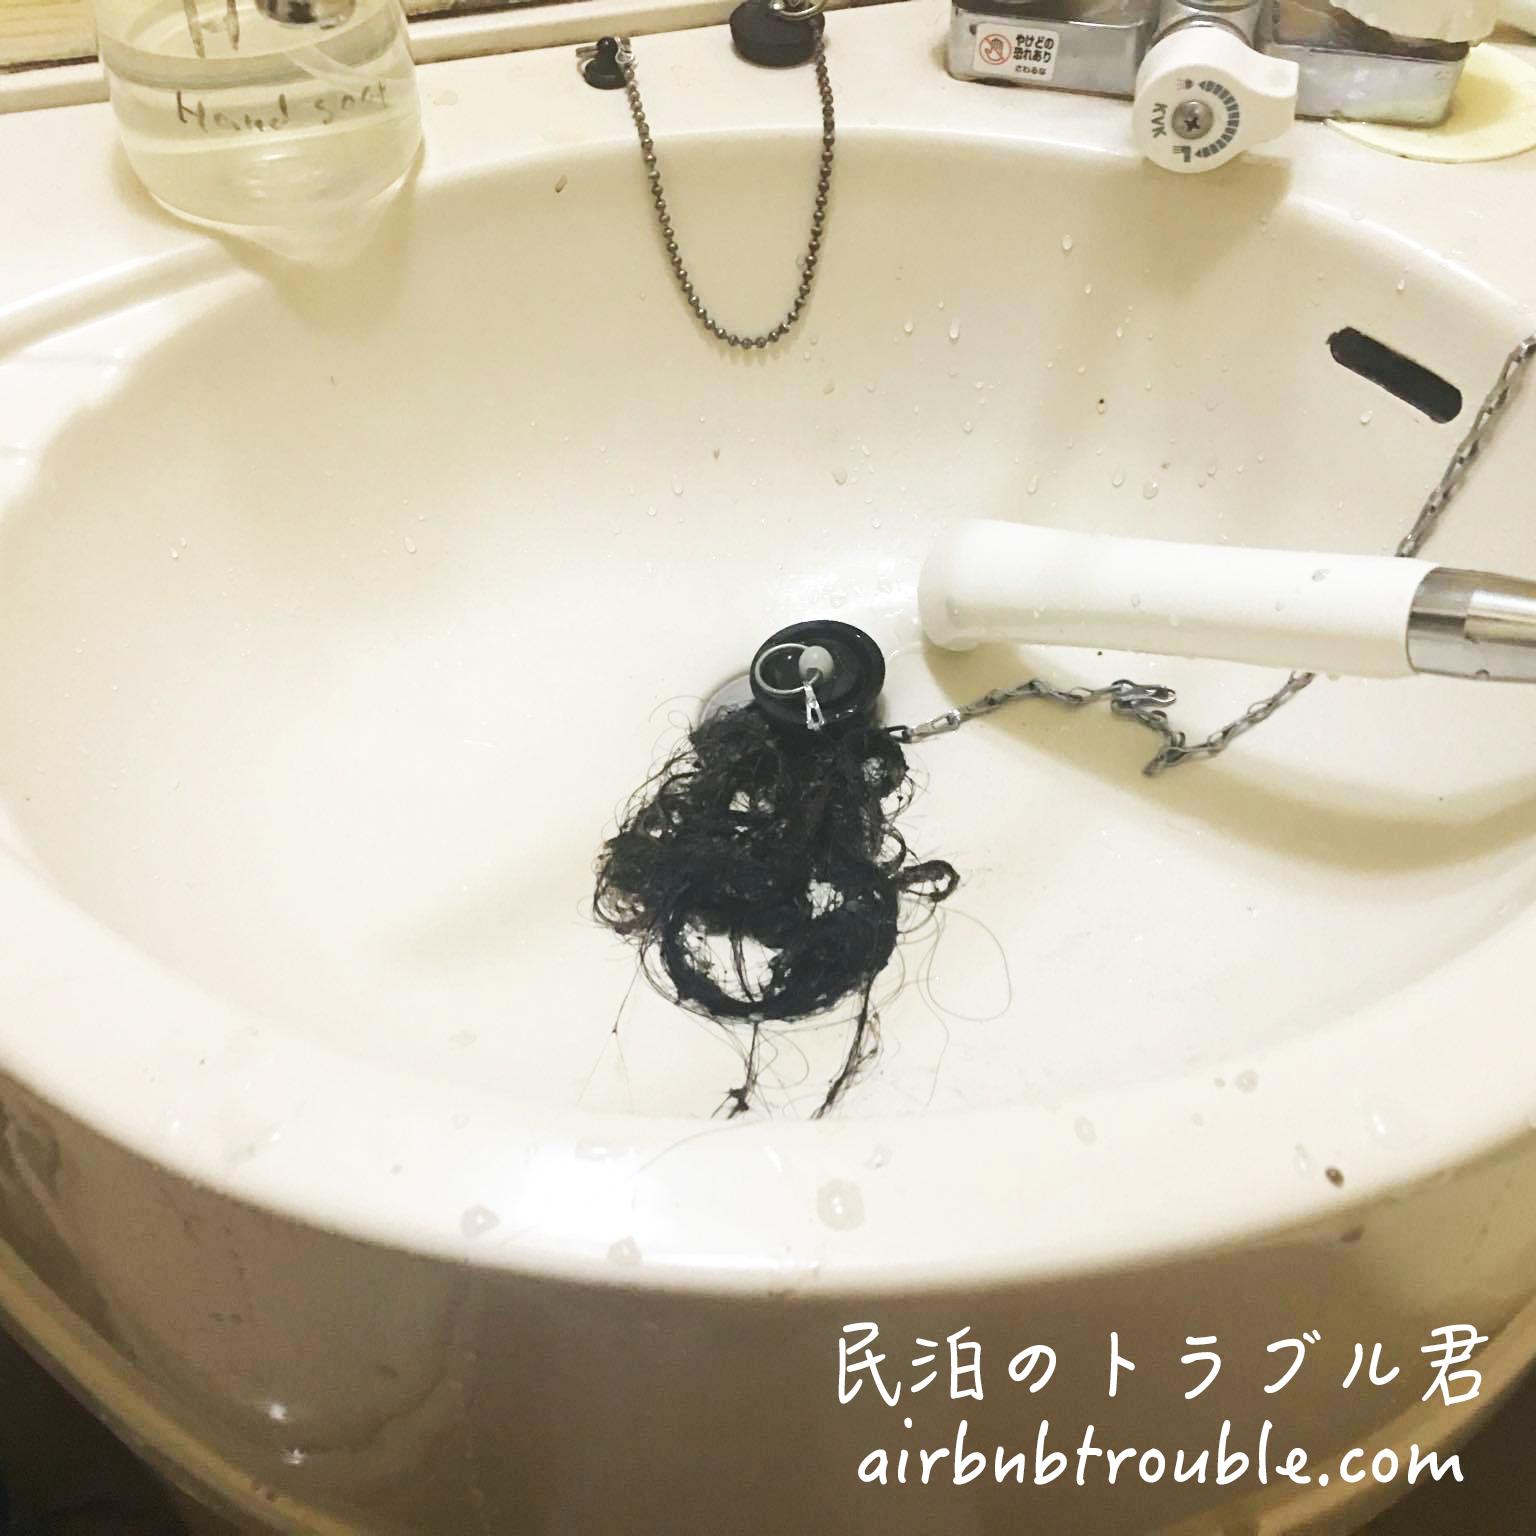 【詰まり】洗面台排水管から大量の髪の毛が出てきました。